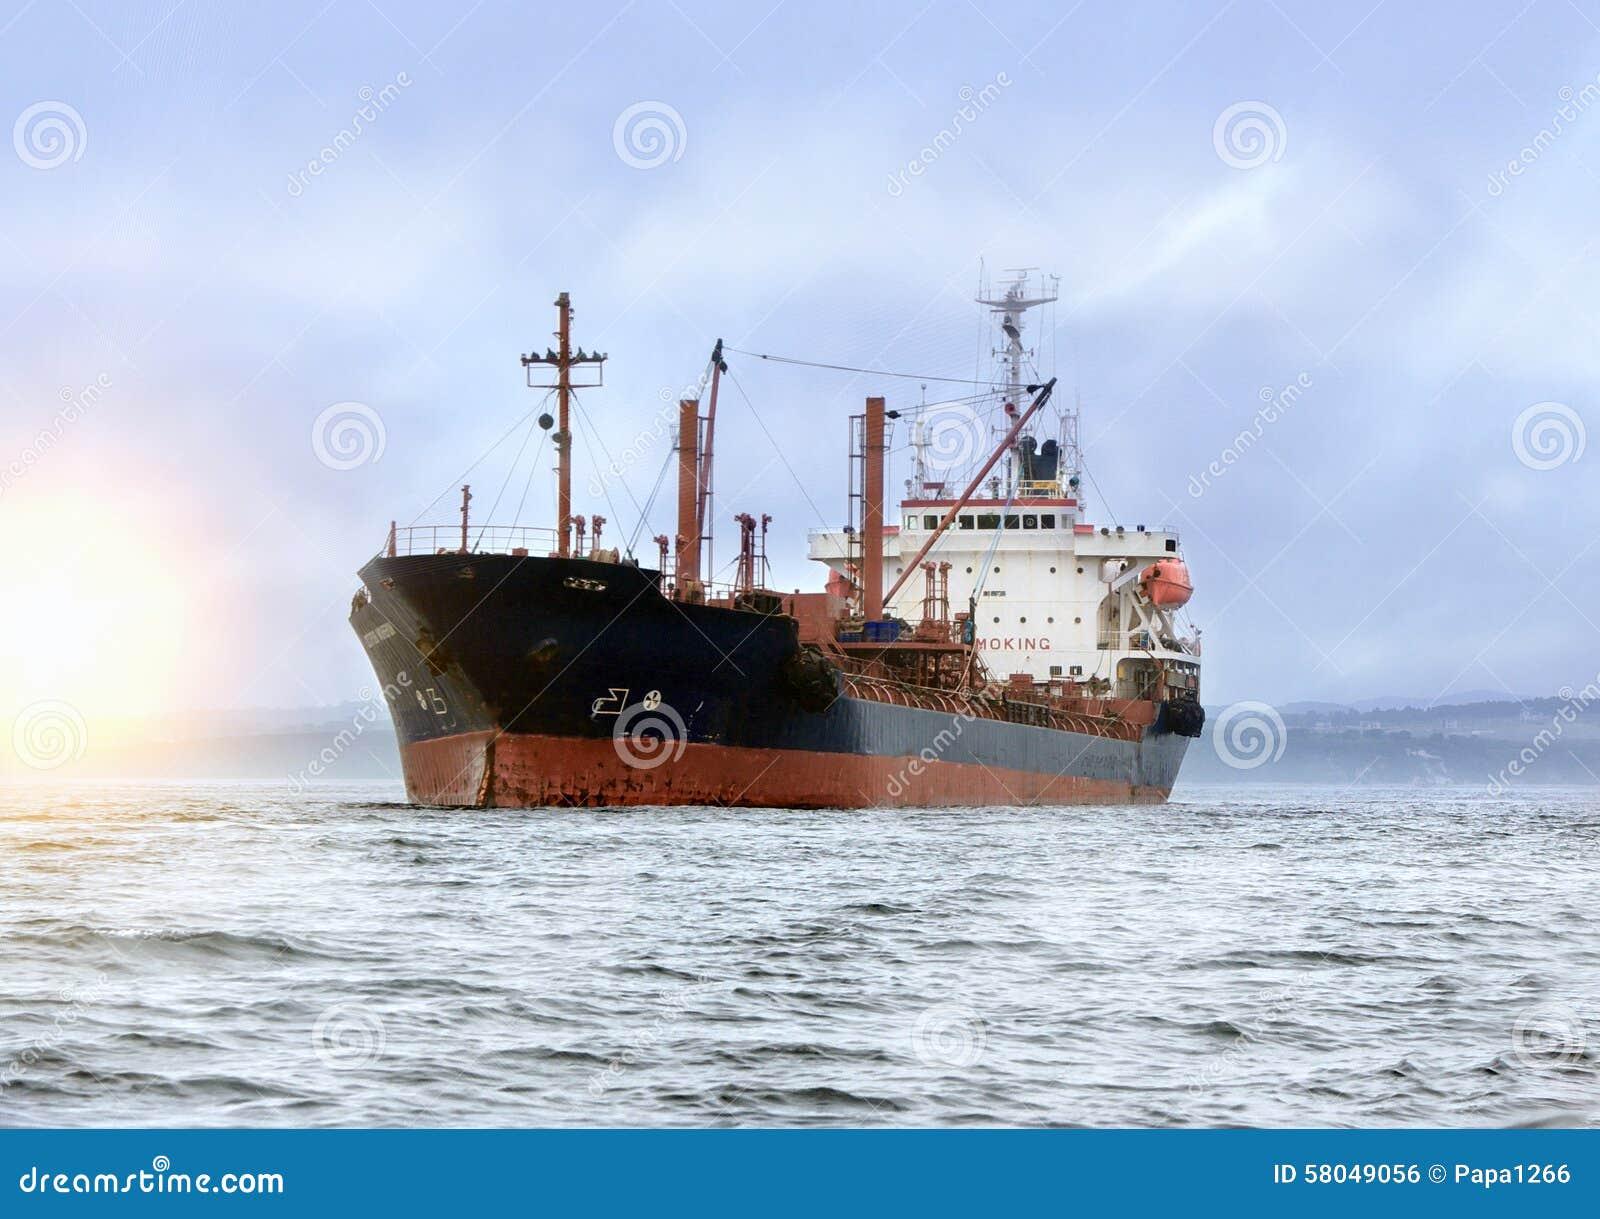 Buque de carga grande en el mar